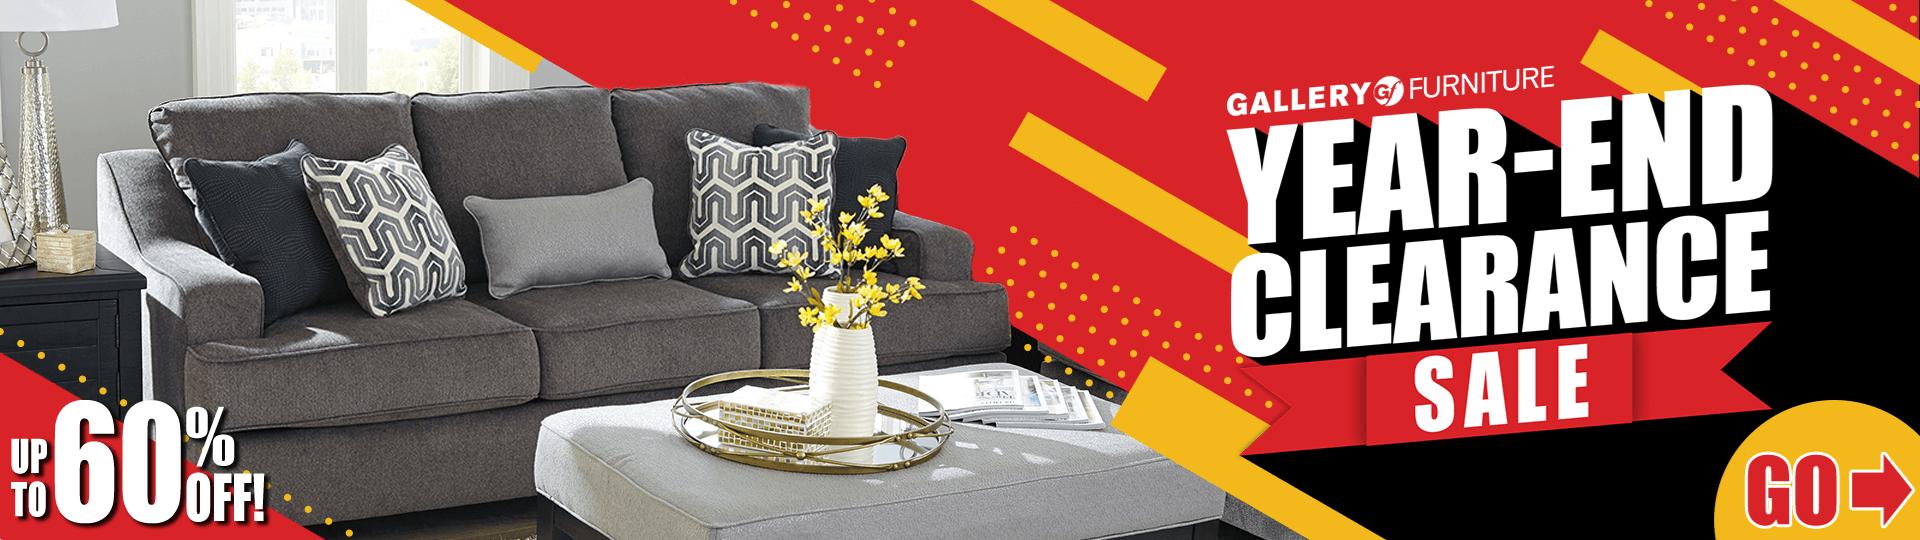 Shop HUGE Clearance Deals On Furniture!